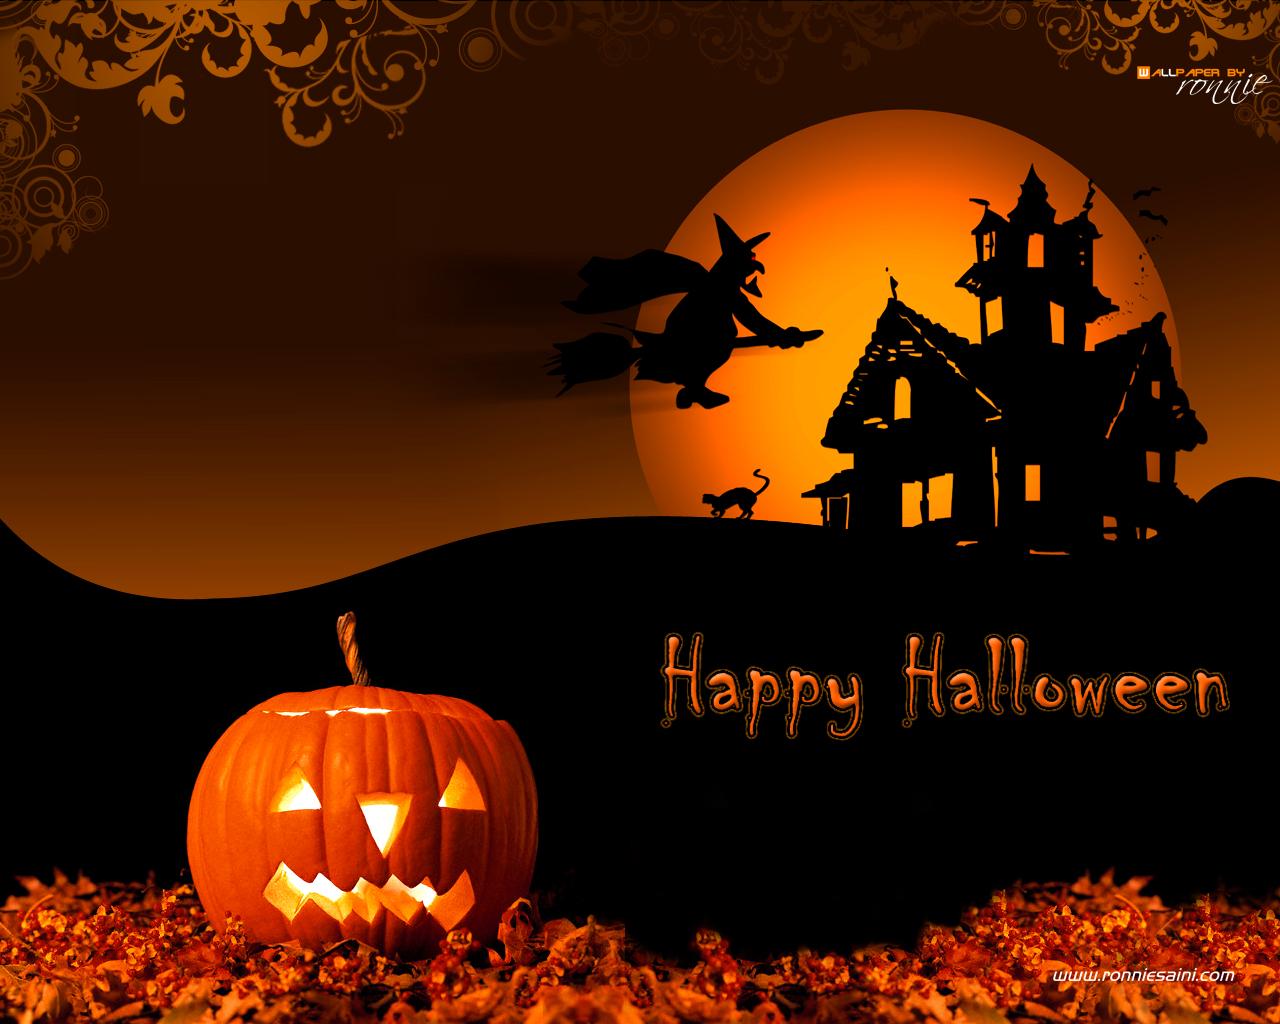 50 Free Halloween Desktop Wallpapers Backgrounds On